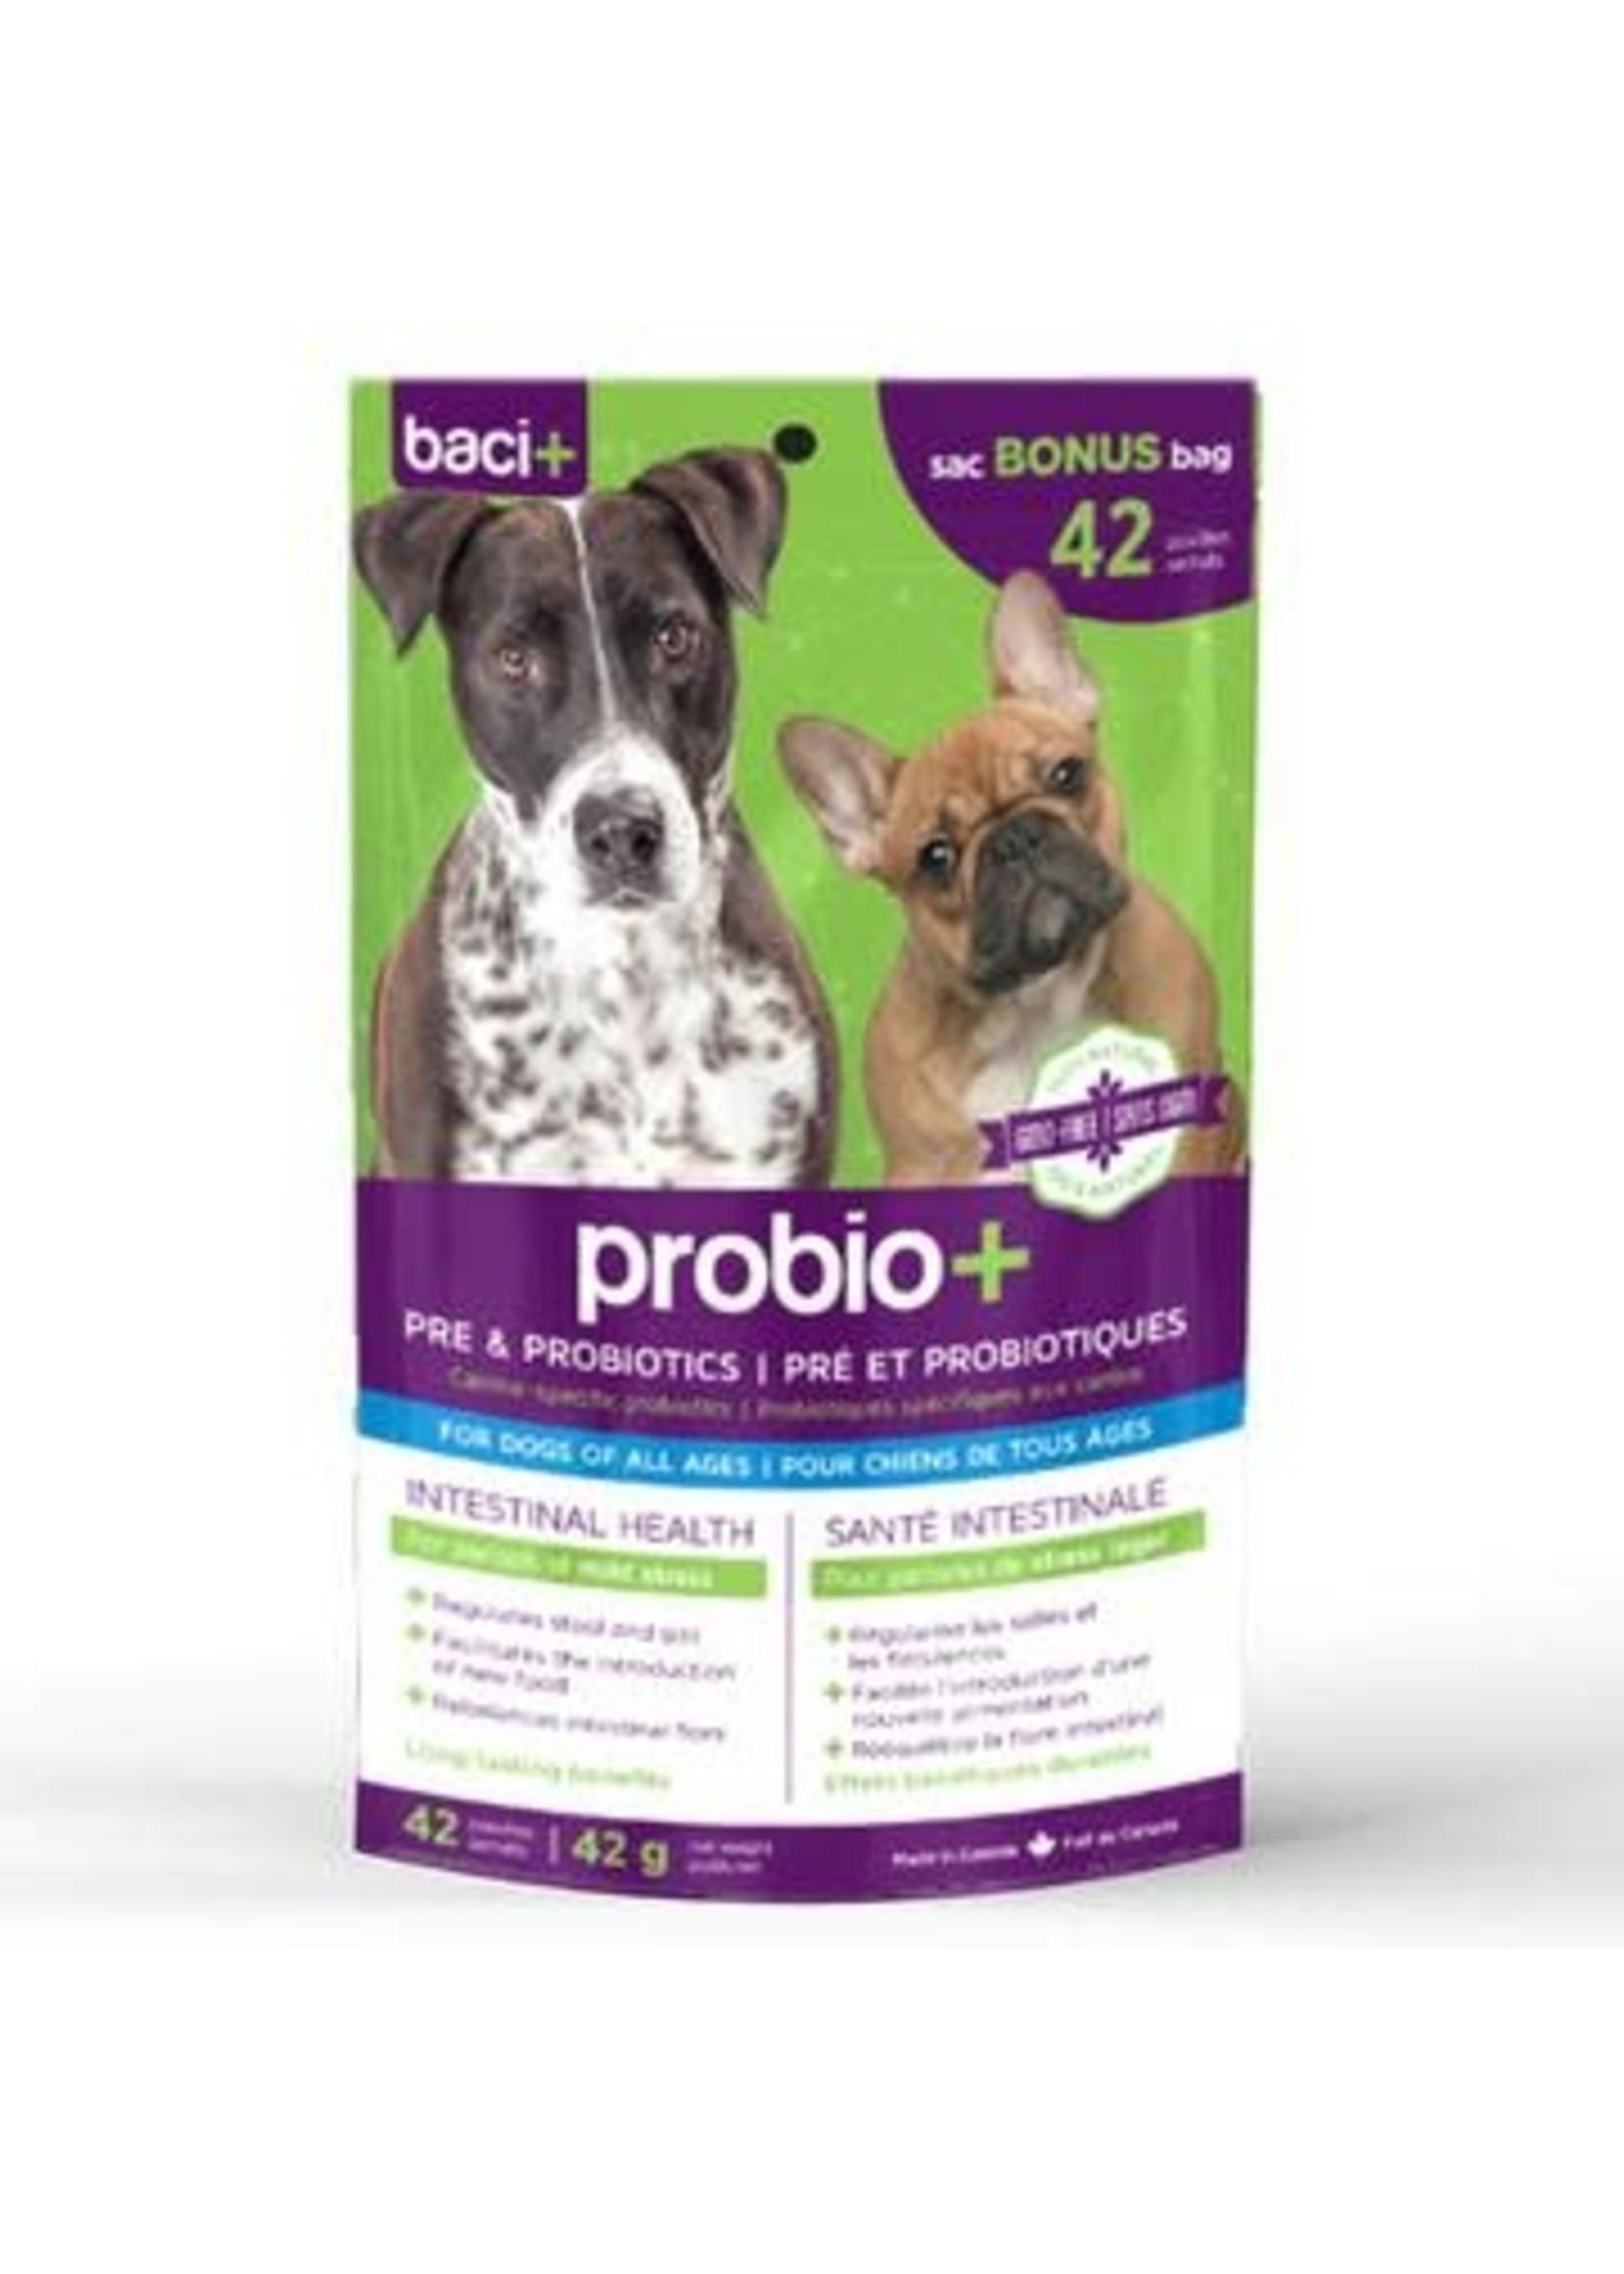 Baci + Probio + bonus chien 42 g